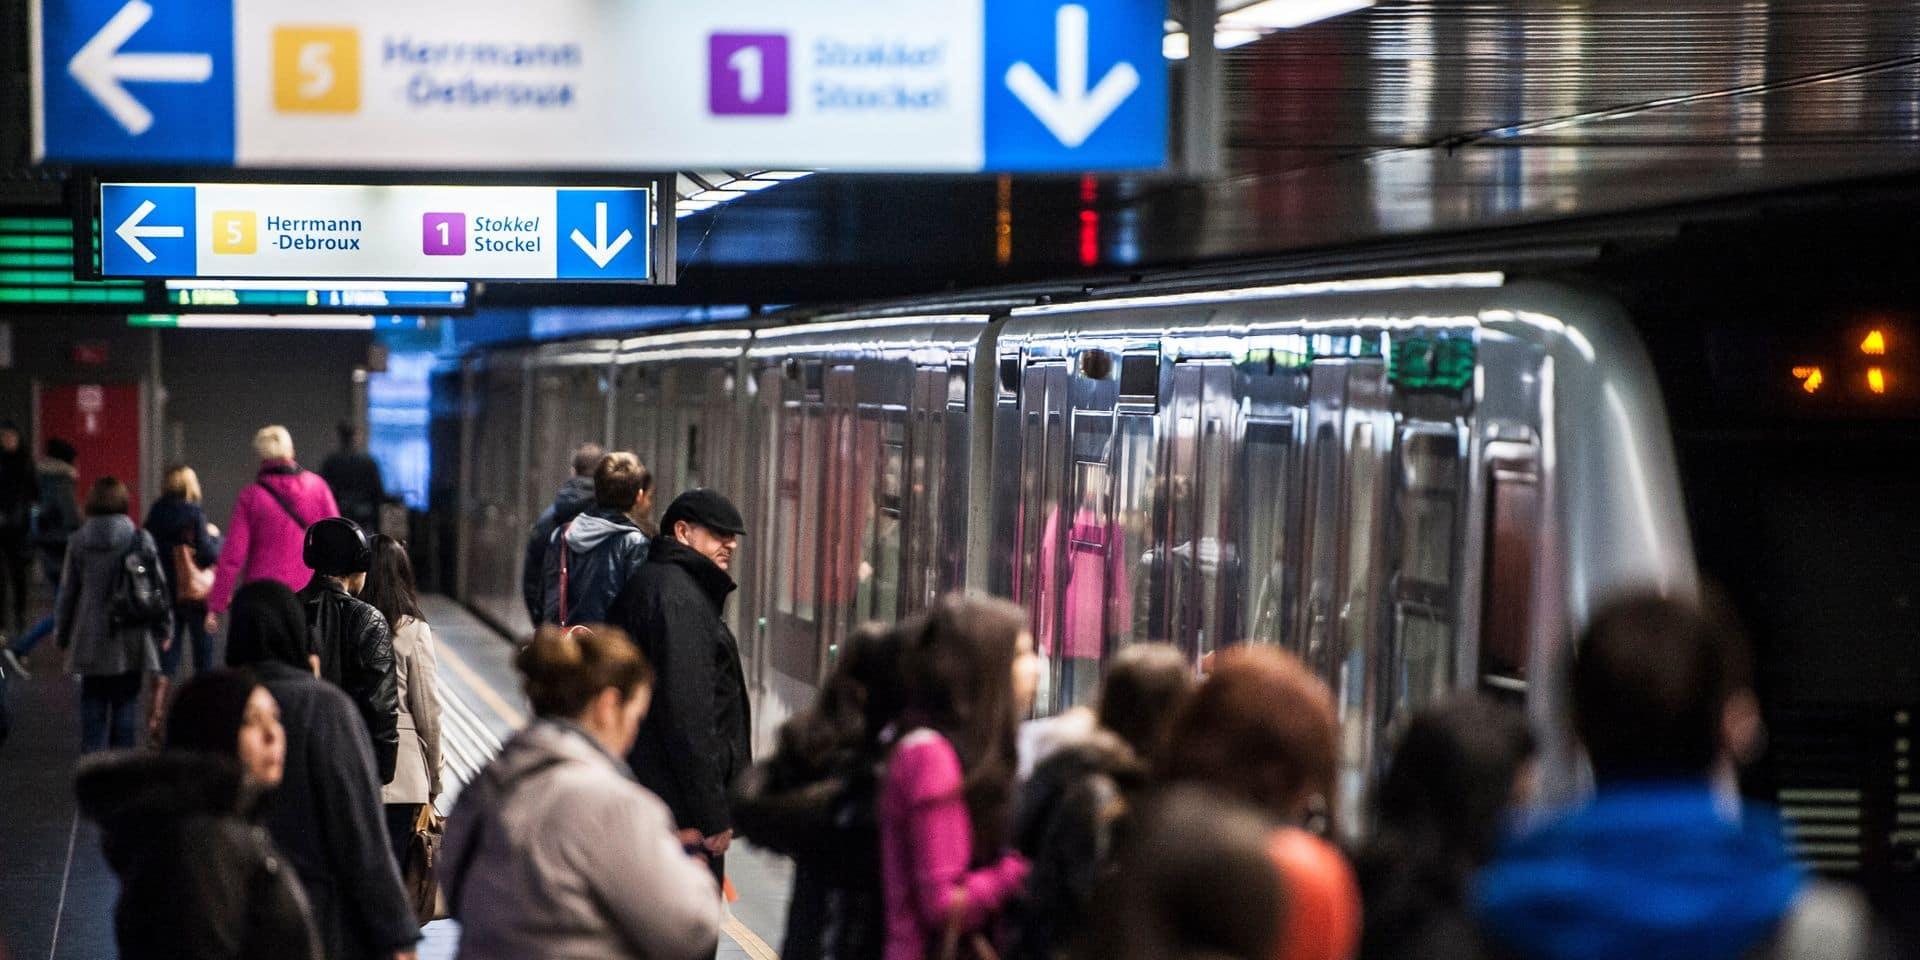 Coronavirus: quelles sont les mesures d'hygiène prises dans les transports en commun en Belgique ?